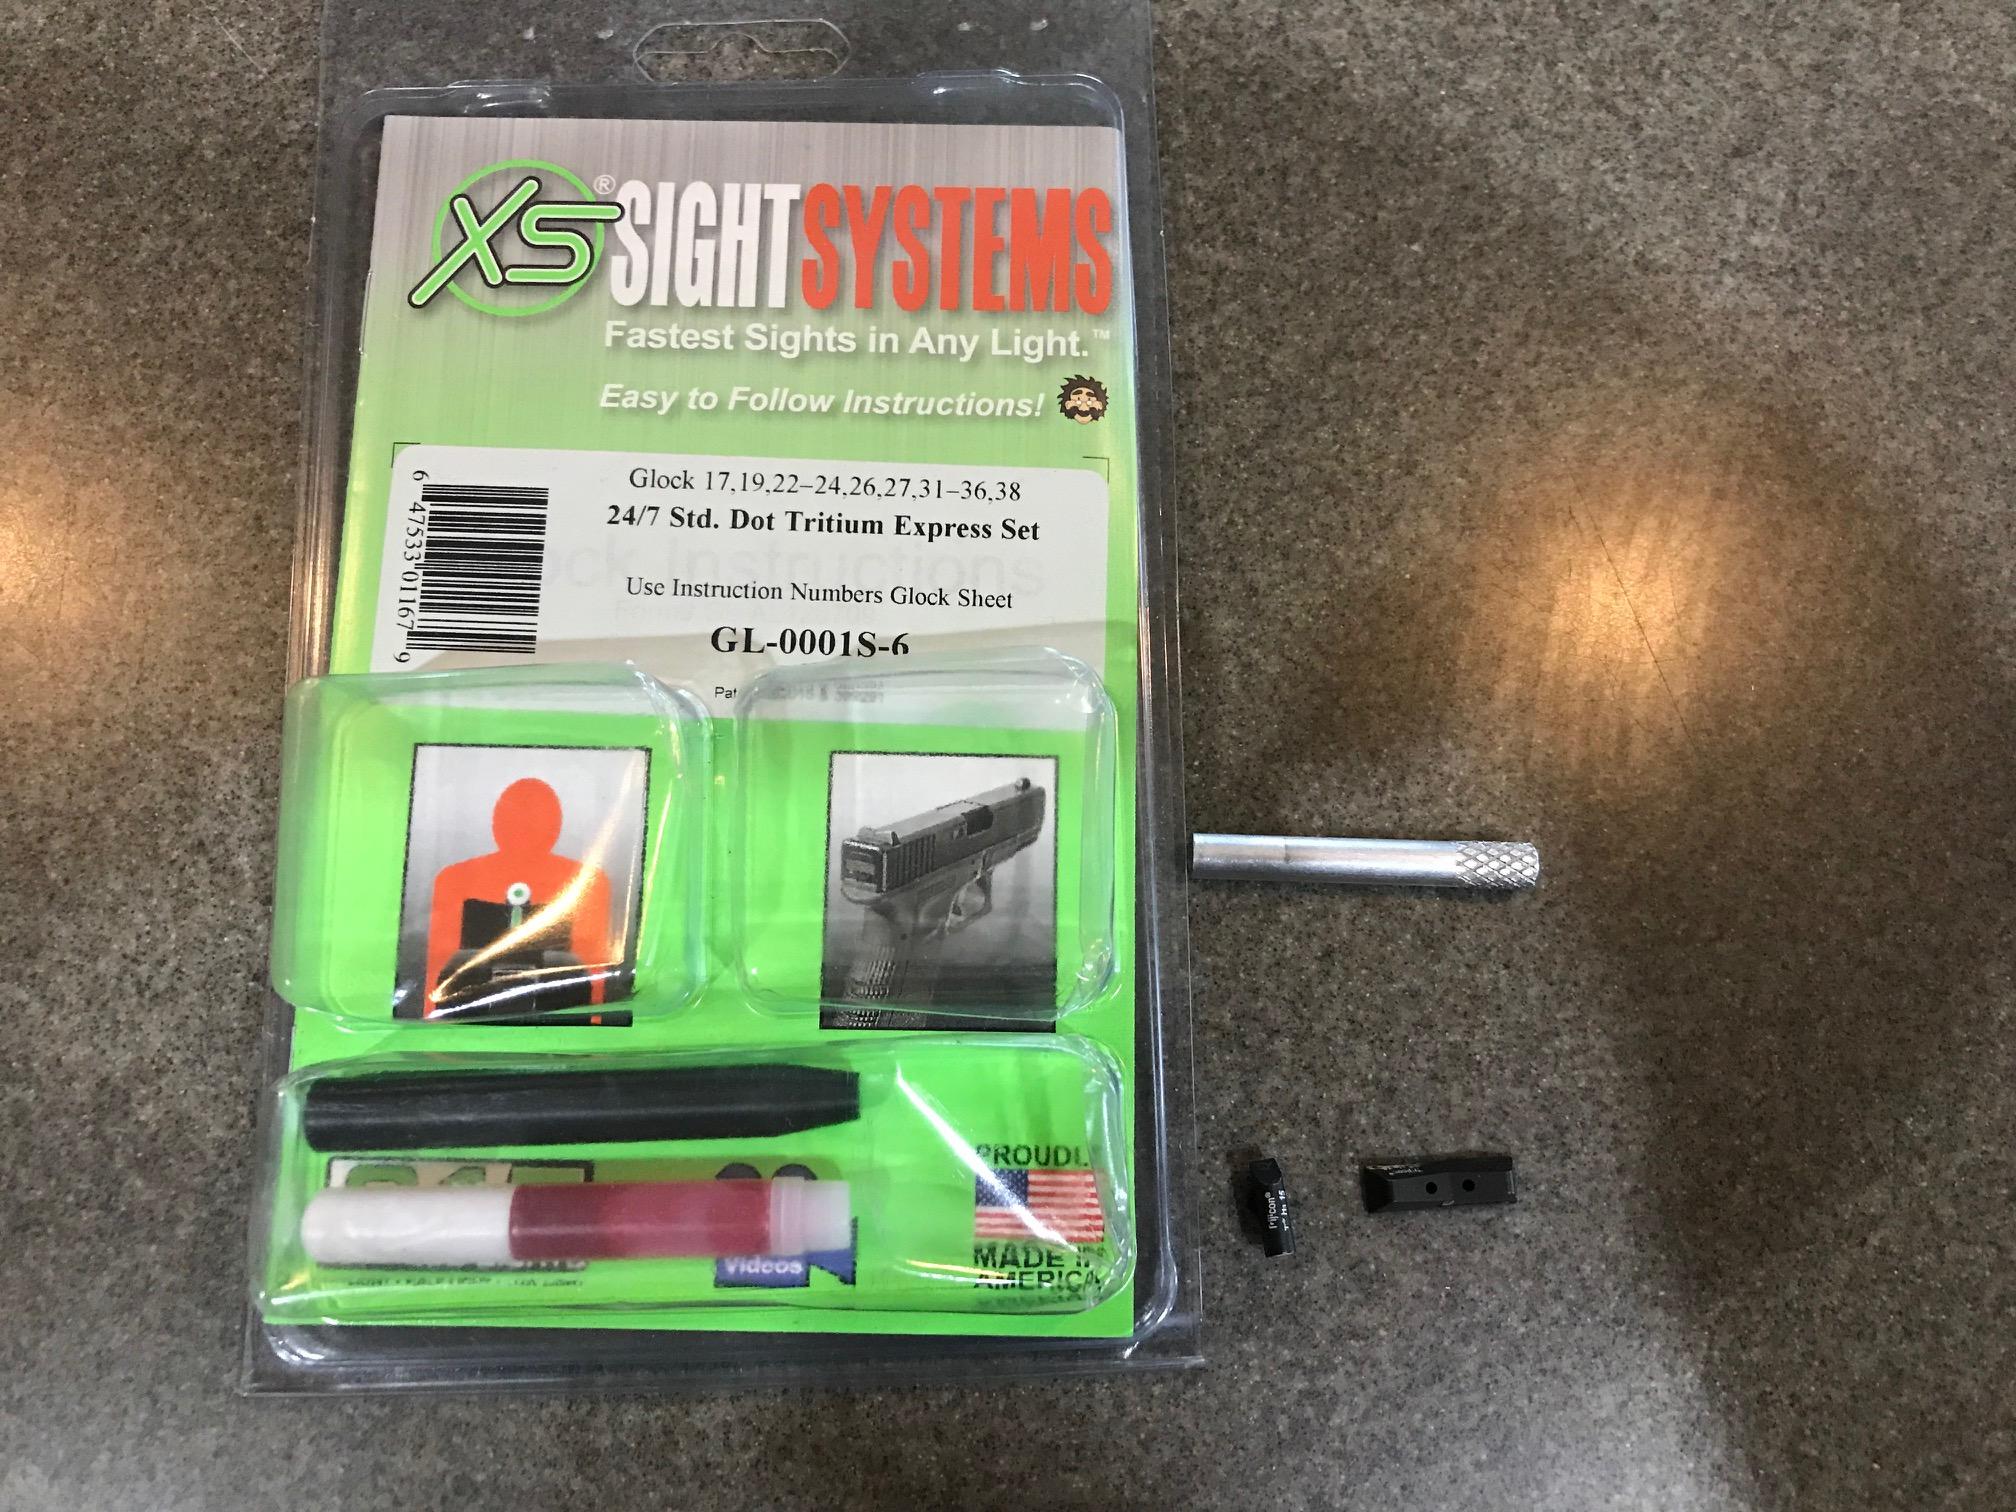 XS Sights Standard Dot for Glock  Shipped-image1-2-.jpeg